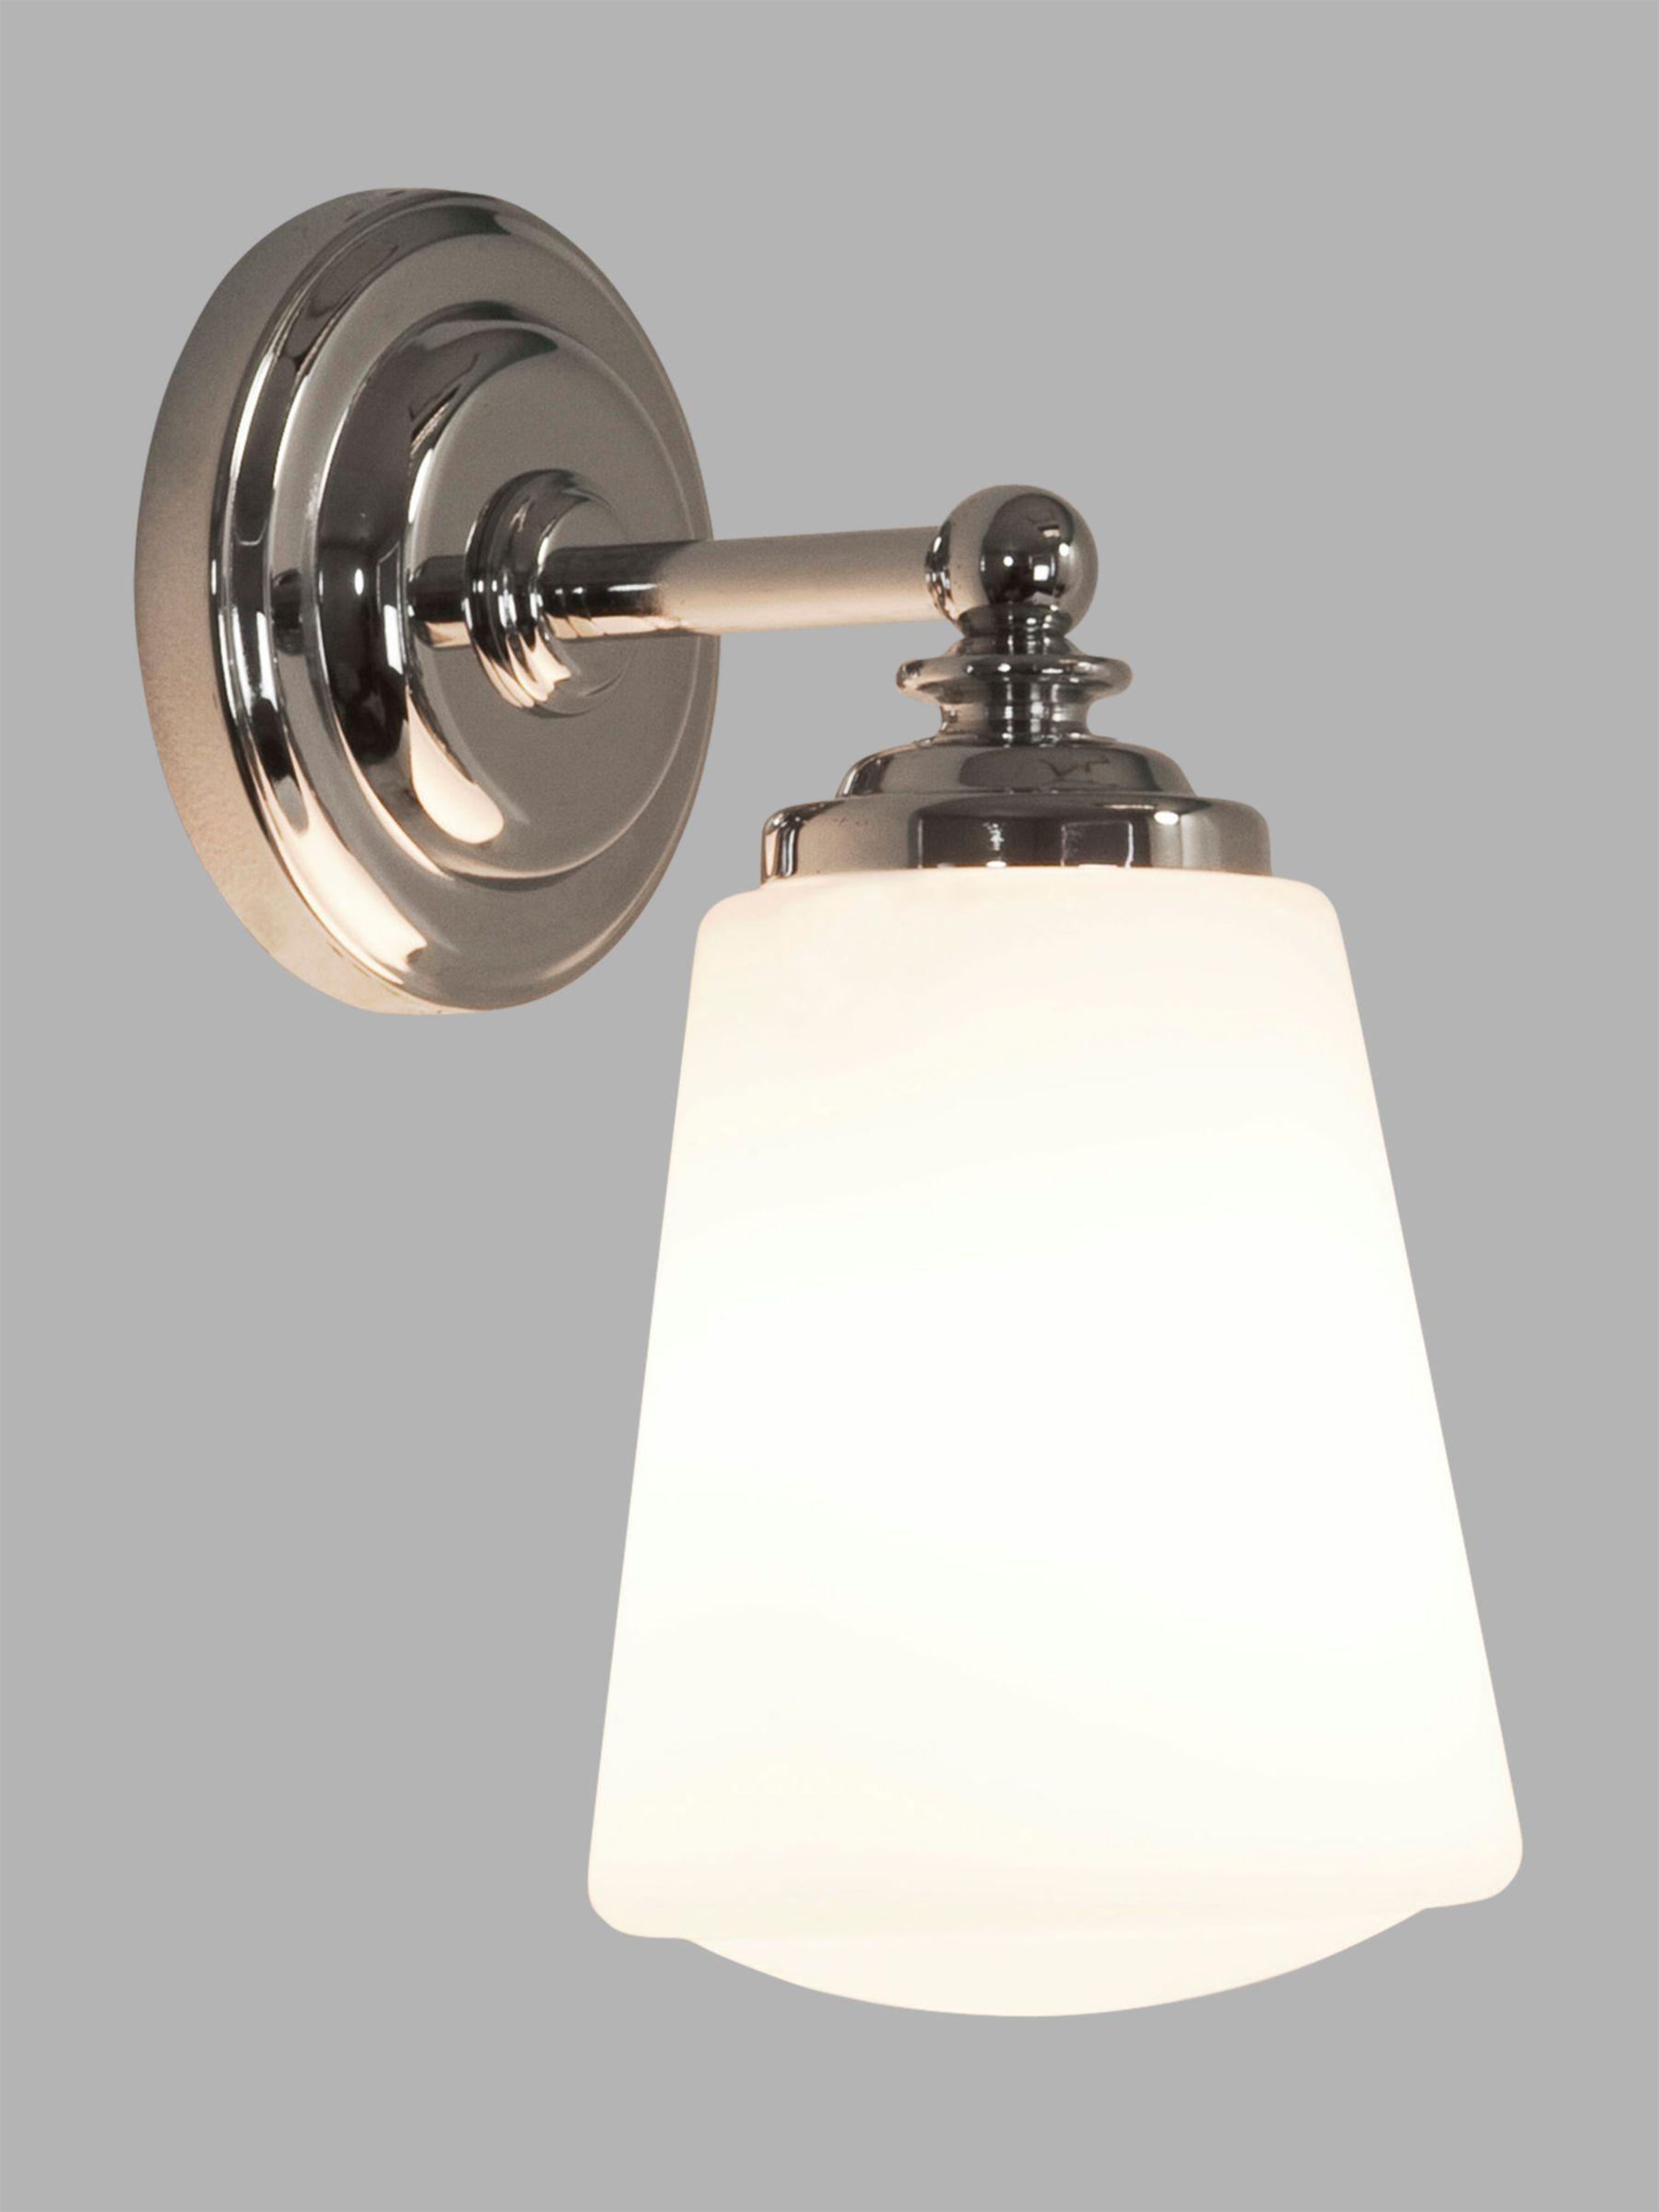 ASTRO Astro Anton Bathroom Wall Light